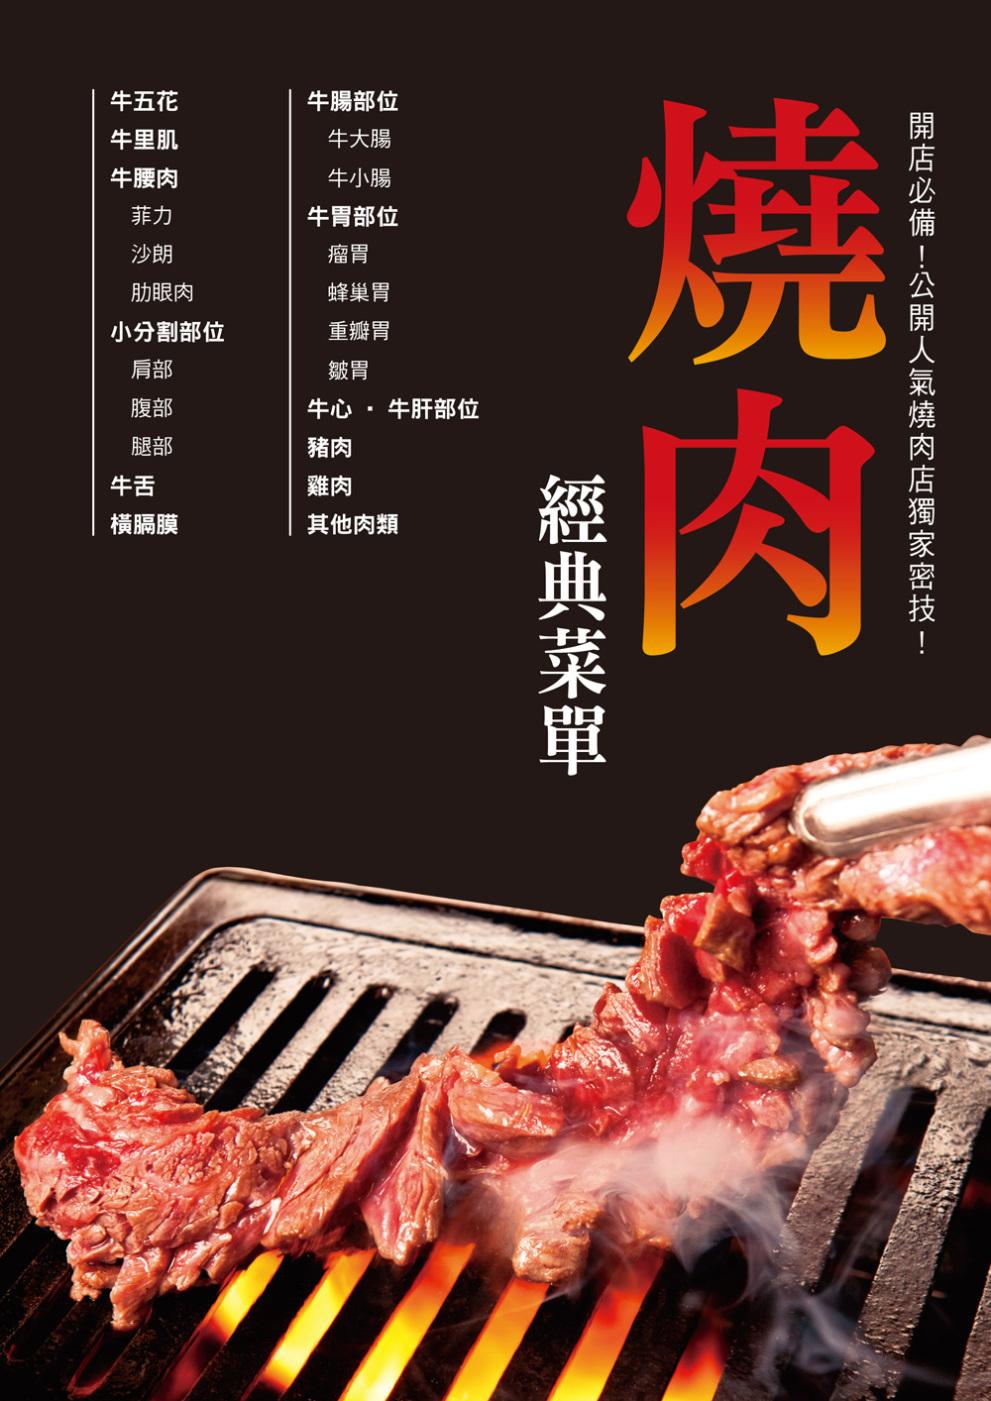 燒肉經典菜單:為想開燒肉店的你精心準備!設計吸引顧客的經典菜單!